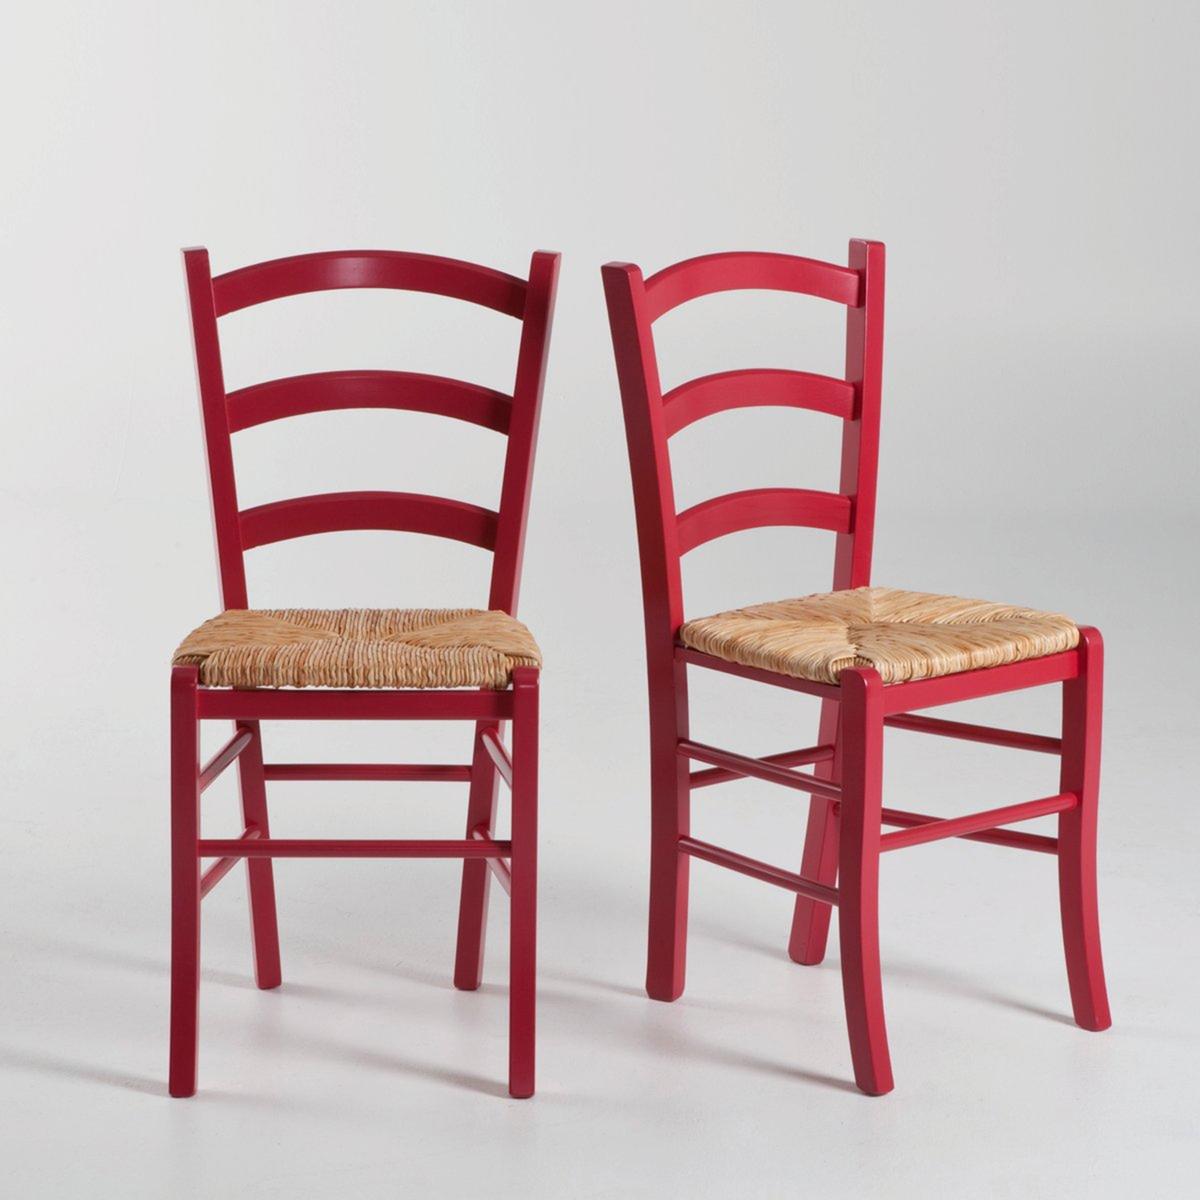 Стул с плетеным сидением, (2 шт.) PerrineХарактеристики стульев  Perrine :Необработанный массив бука, полиуретановое лаковое покрытие для моделей в цвете.Сидение из рисовой соломки.Всю коллекцию Perrine Вы найдете на laredoute.ru.Размеры стульев Perrine :Общие :Ш42,5 x В87 x Г43 см.Сиденье :Высота 44 смРазмер и вес с упаковкой :1 упаковкаШ51 x В97 x Г46 см12 кгДоставка на дом :Стулья с плетеным сидением Perrine доставляются в собранном виде. Доставка до квартиры !Внимание ! Убедитесь, что дверные, лестничные и лифтовые проемы позволяют осущетвить доставку коробки таких габаритов.<br><br>Цвет: красный